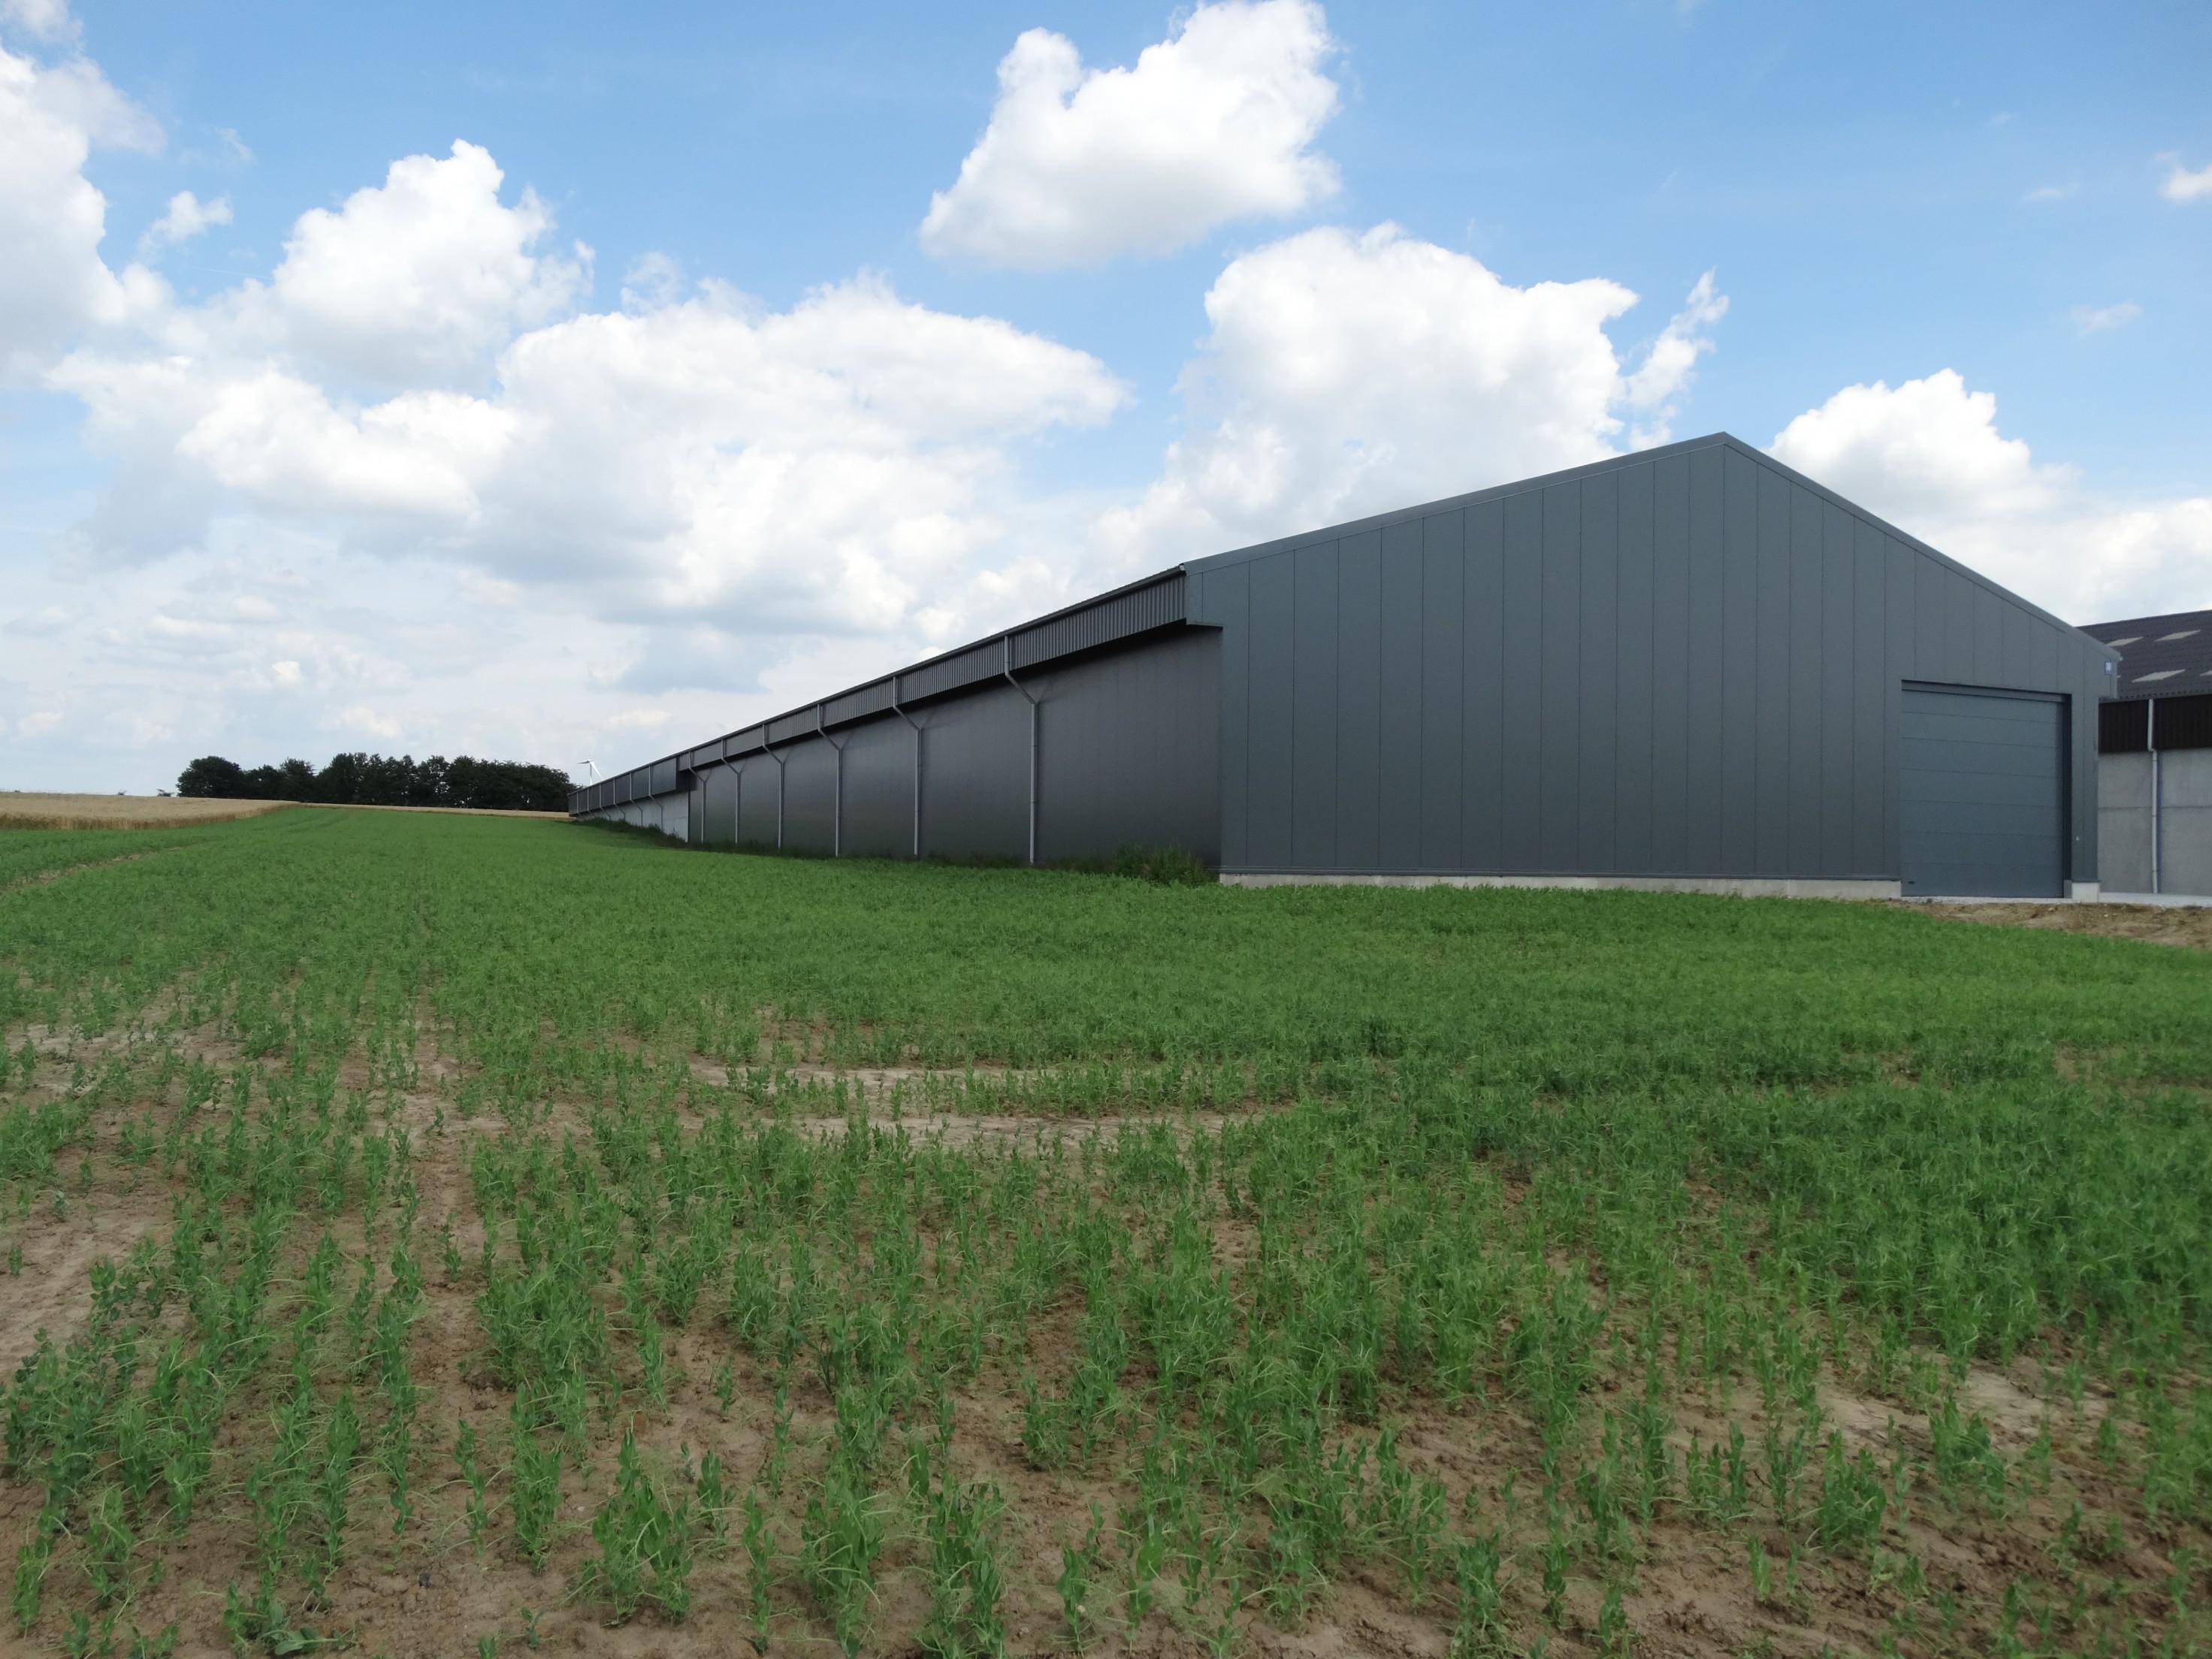 lefevre-Rosseignies-aardappelloods_hangar stockage pommes de terre (30)